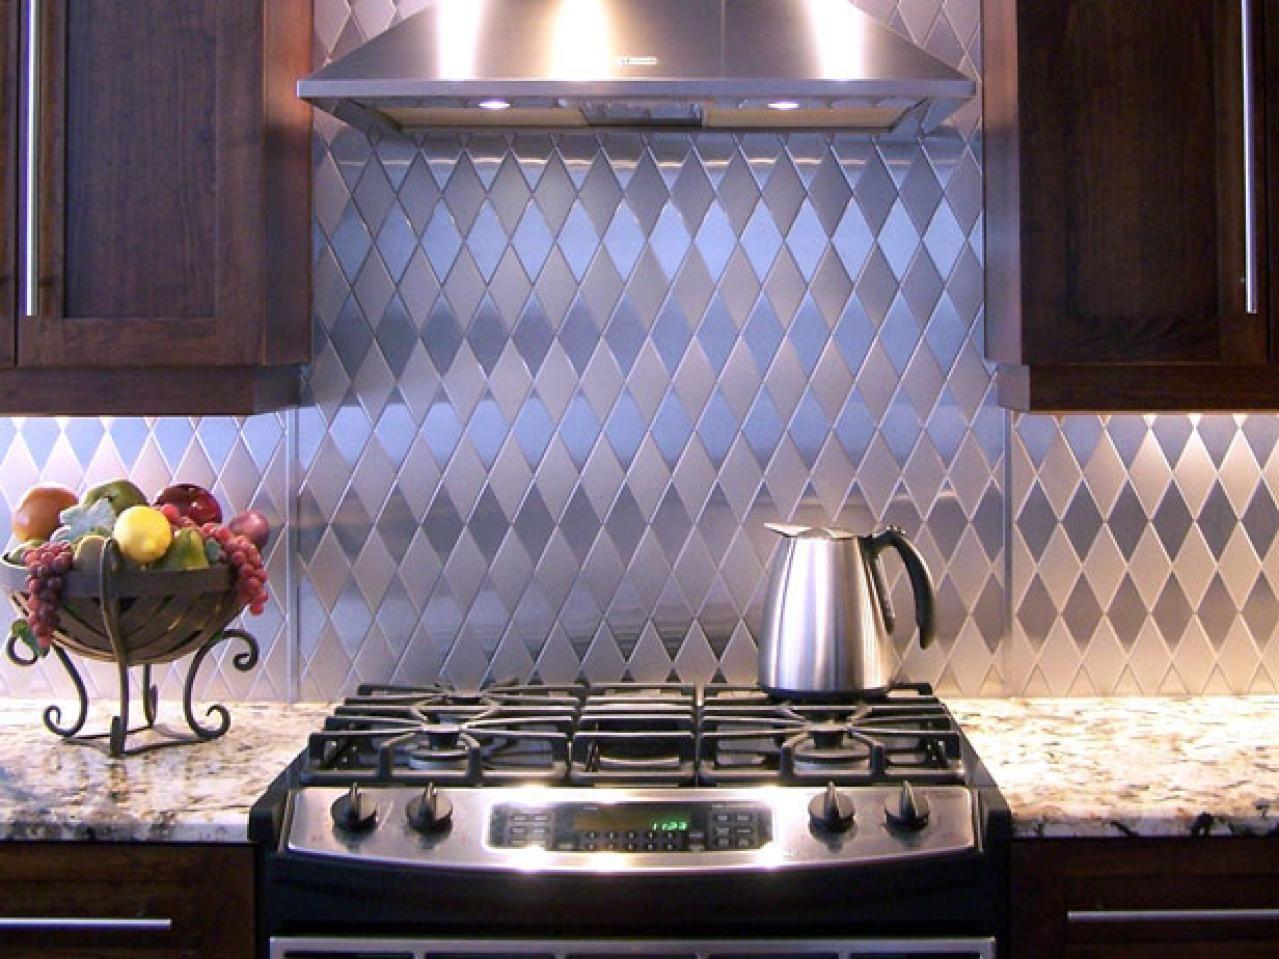 stainless steel kitchen backsplashes stainless steel kitchen